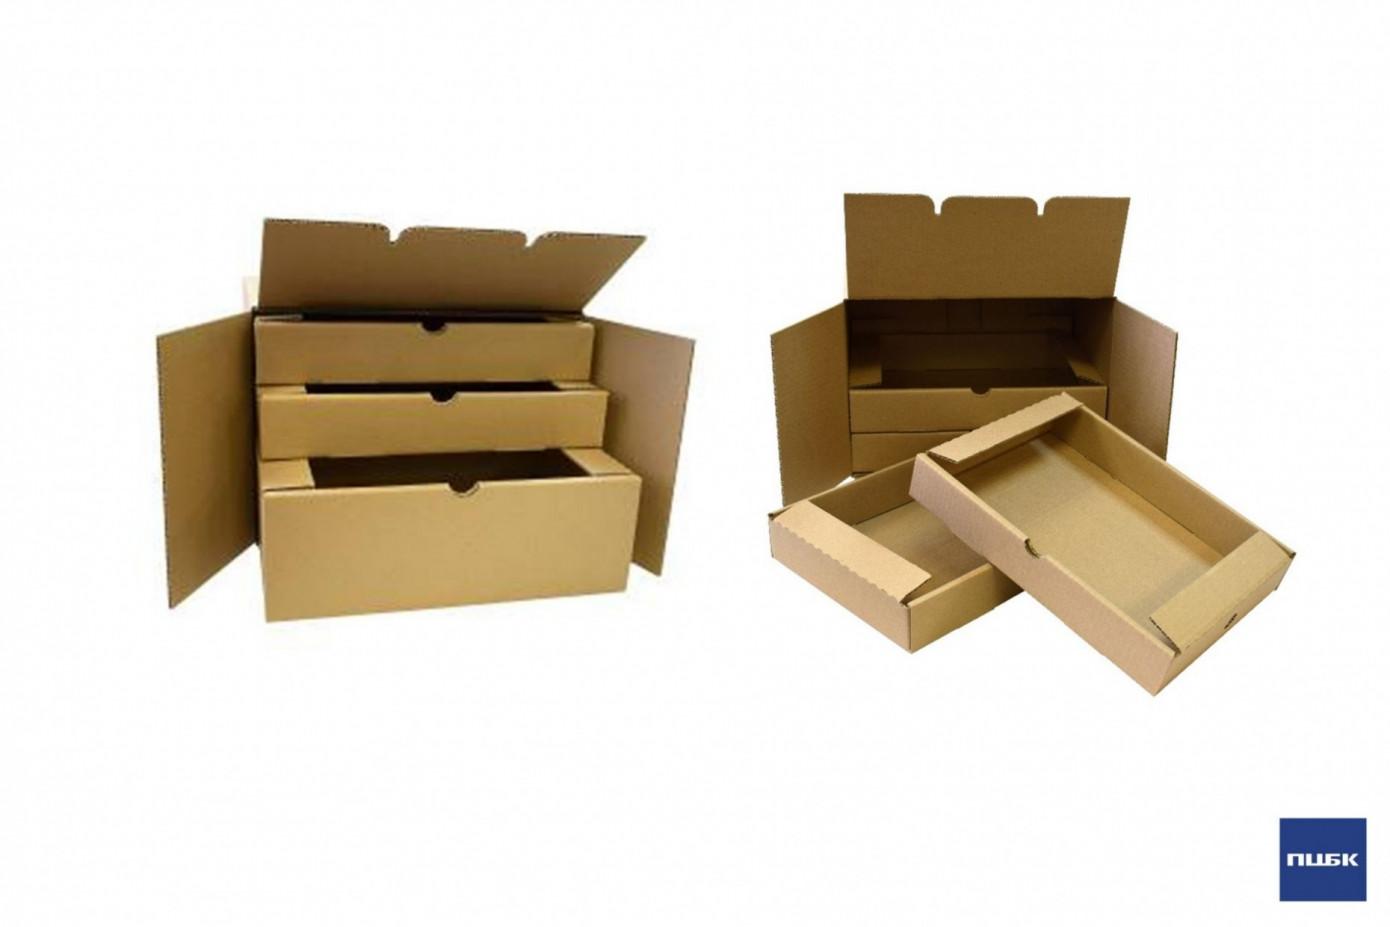 Группа «ПЦБК» разработала модульную гофроупаковку для доставки еды